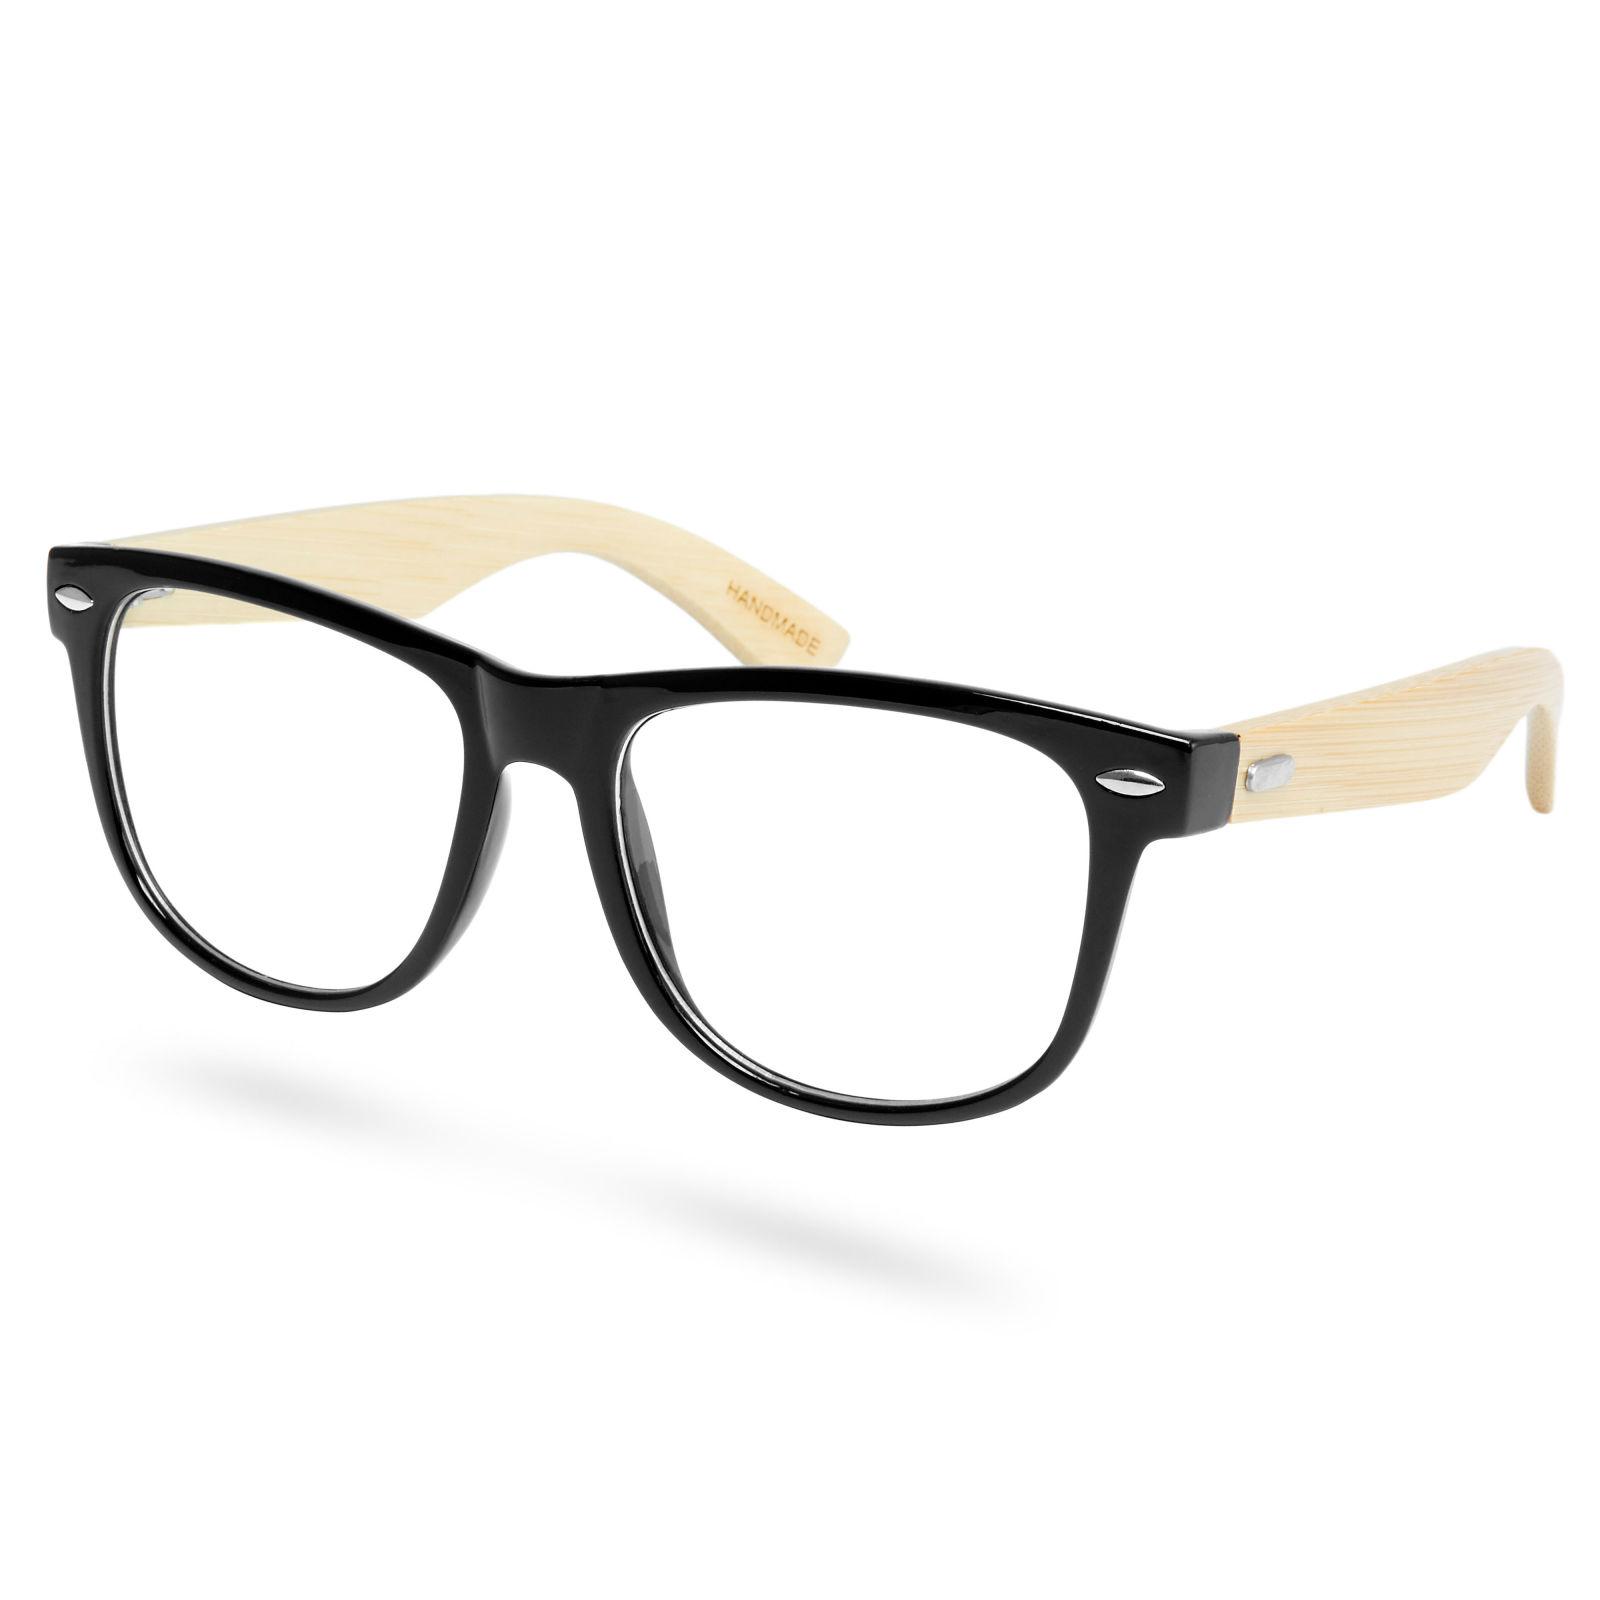 8a5bc86eb Čierne okuliare z bambusového dreva s čírymi sklami   Na sklade!   Paul  Riley